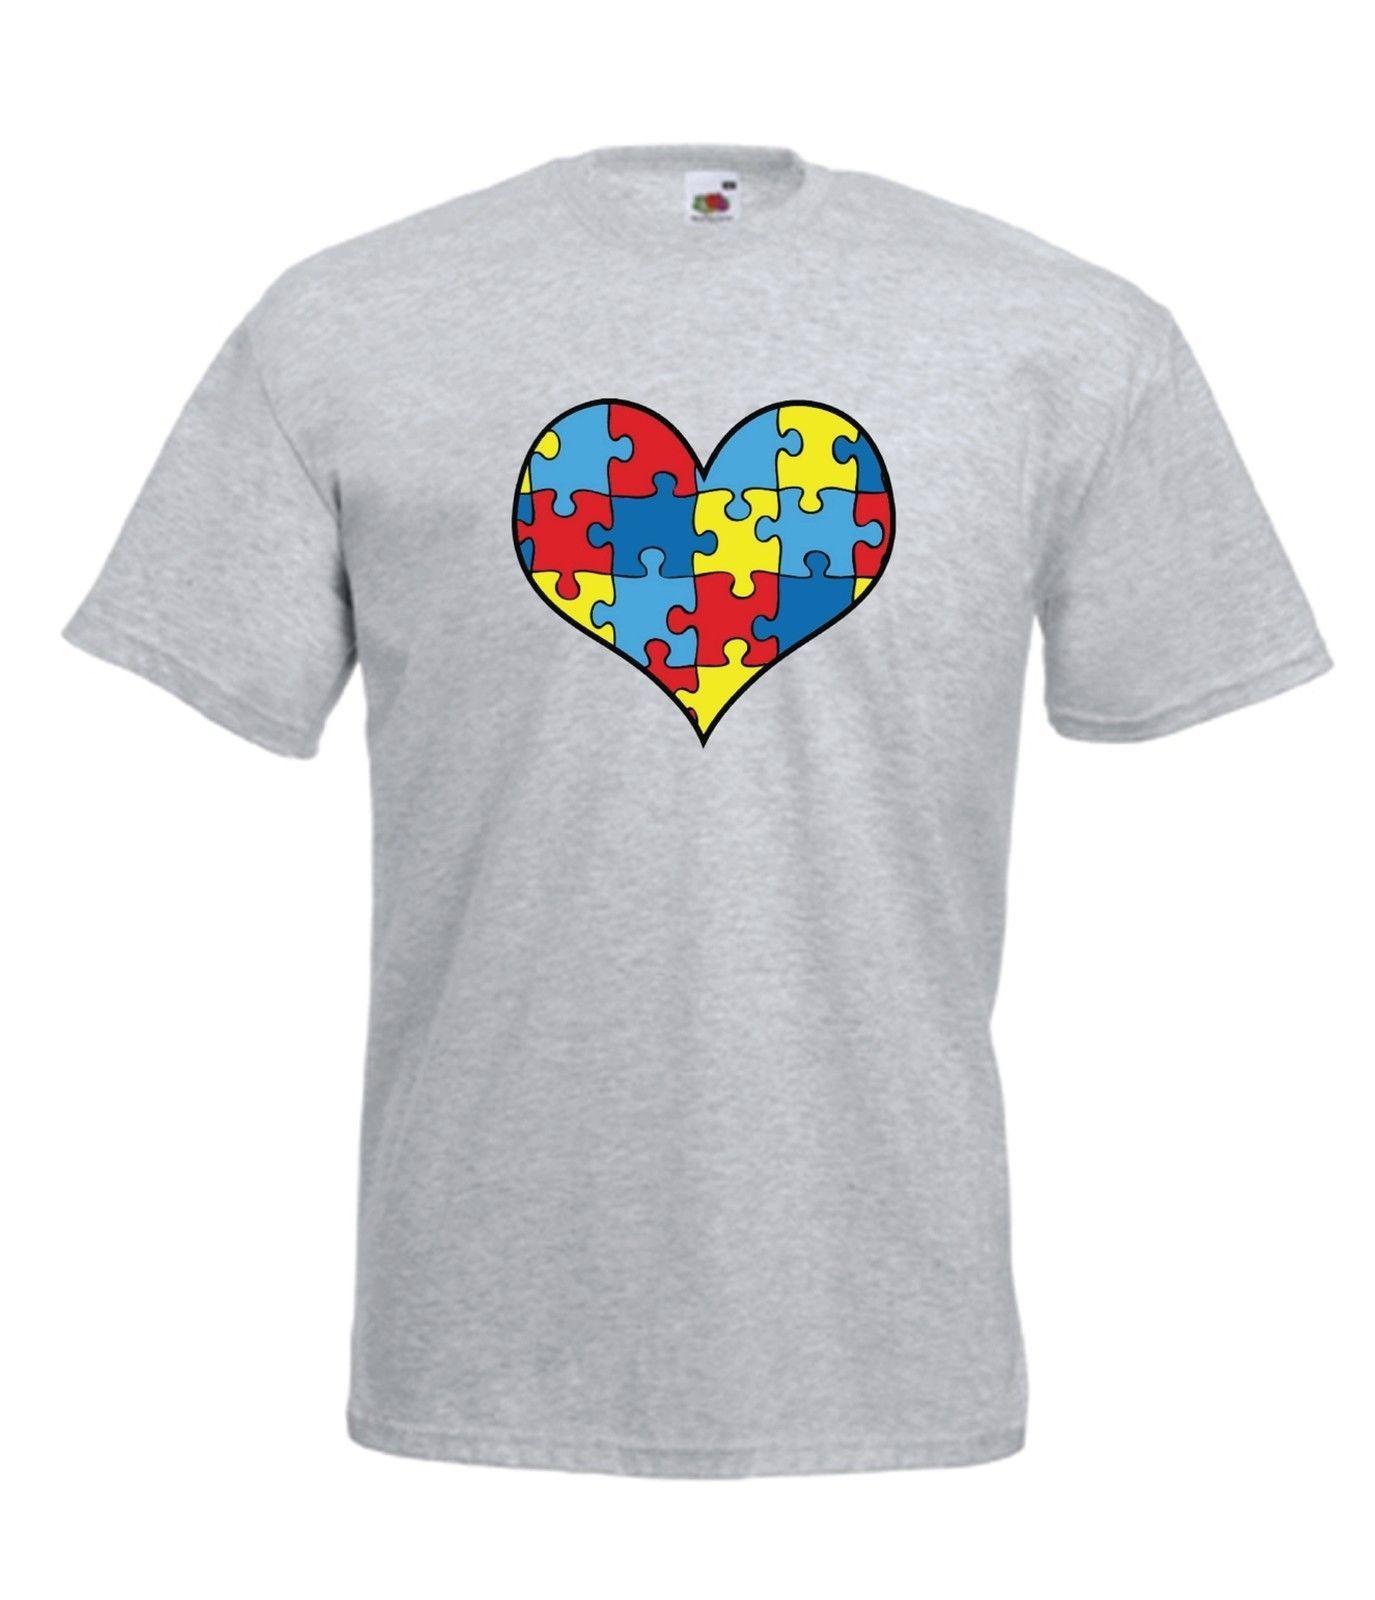 Top Ten Weihnachtsessen.Autismus Herz Autistisch Bewusstsein Top Weihnachten Geburtstag Herren Damen Men T Shirt Men Clothing Plus Size T Shirt